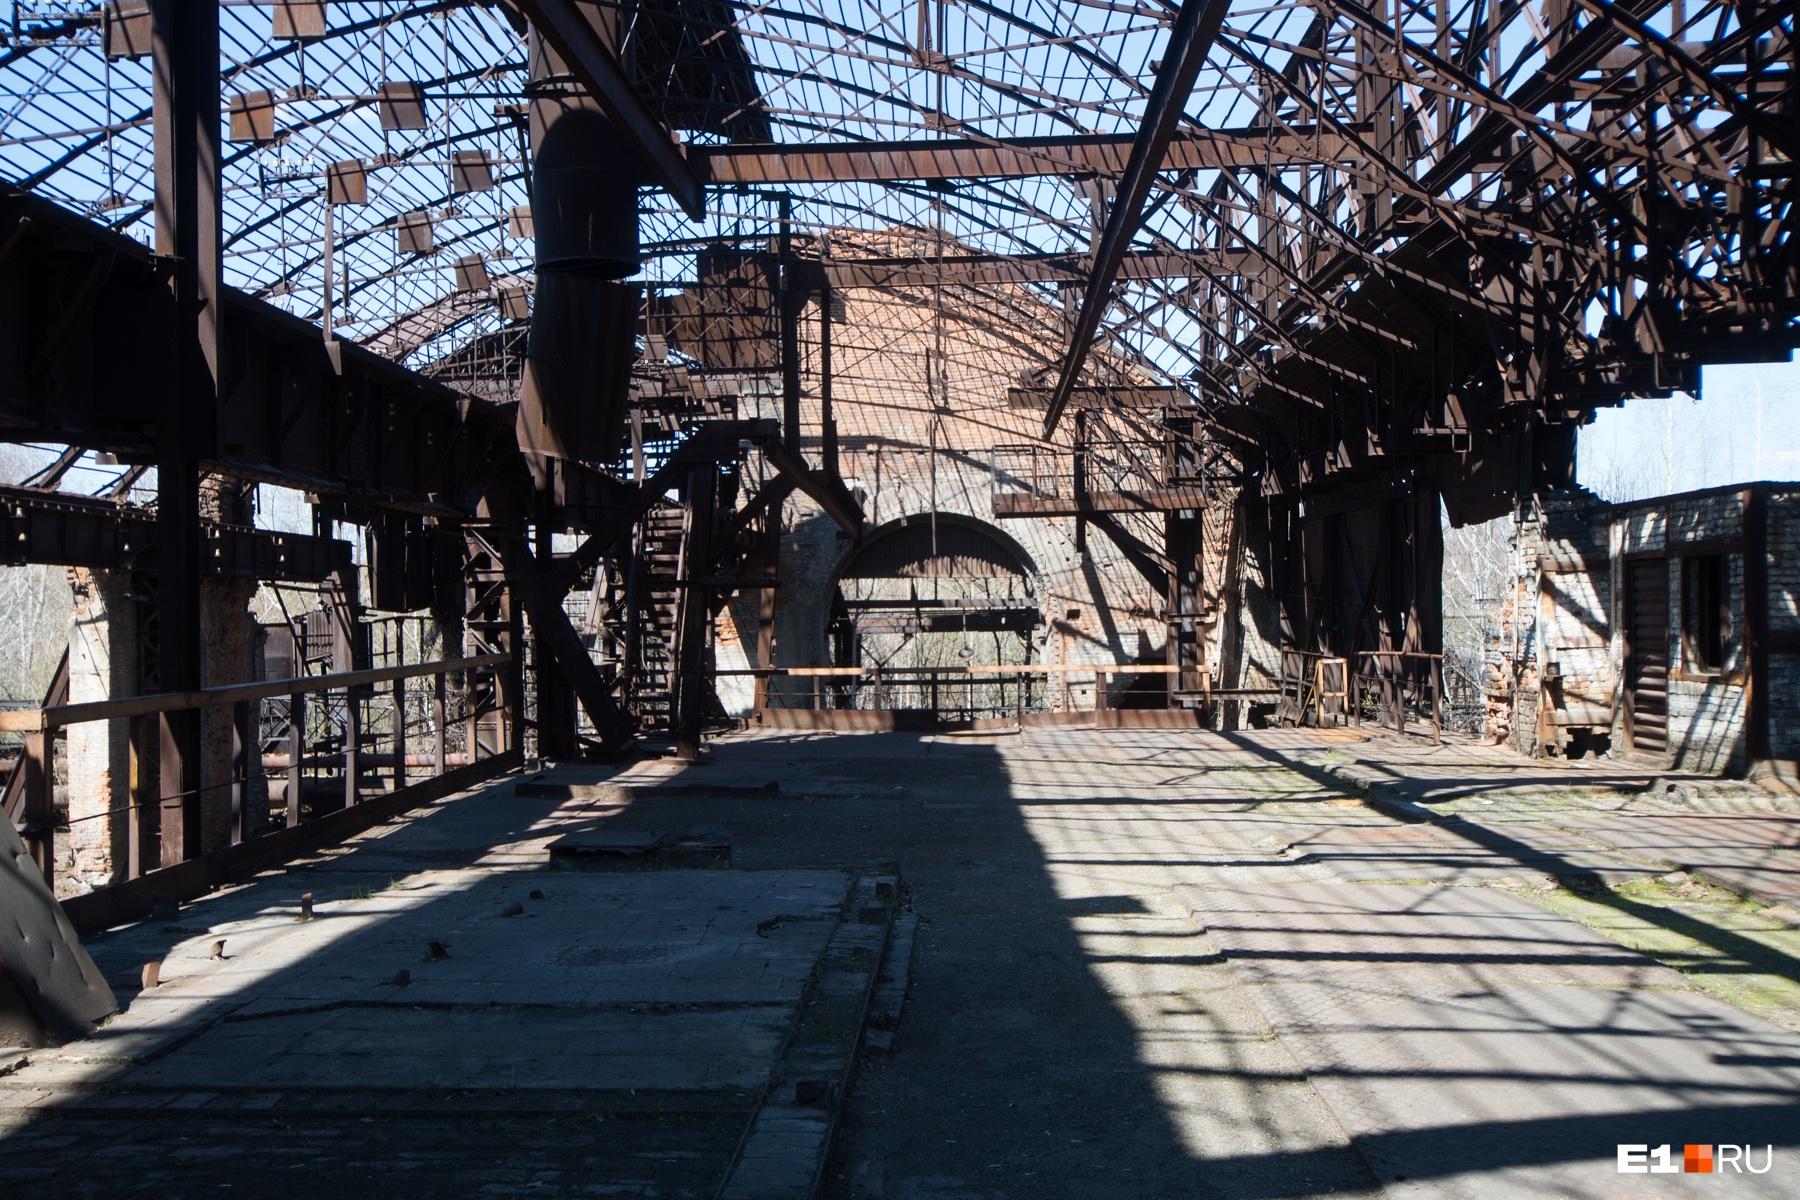 Мартеновский цех построен в духе промышленного классицизма